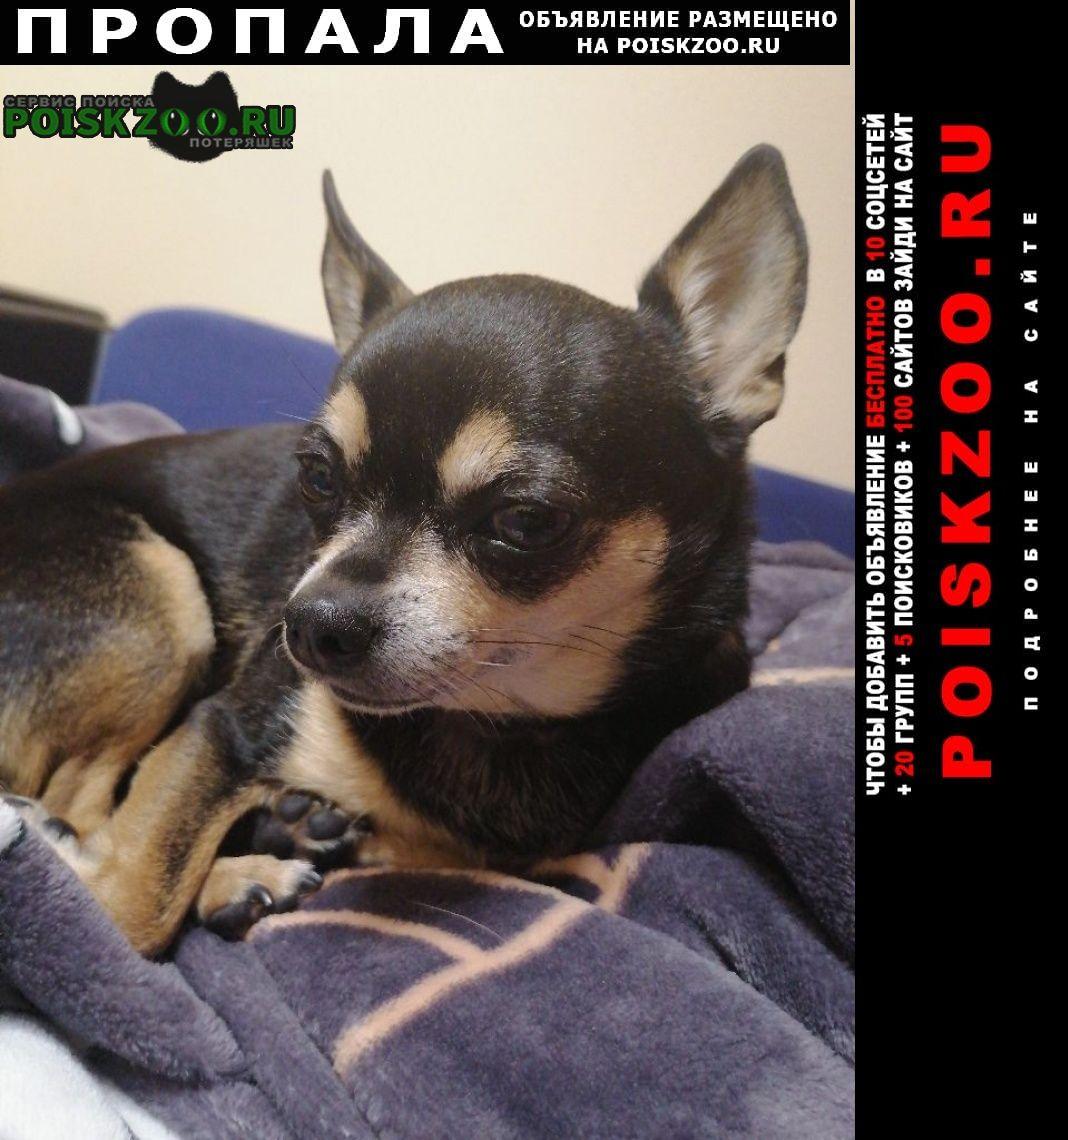 Пропала собака кобель потерялась чёрная чихуахуа Новороссийск